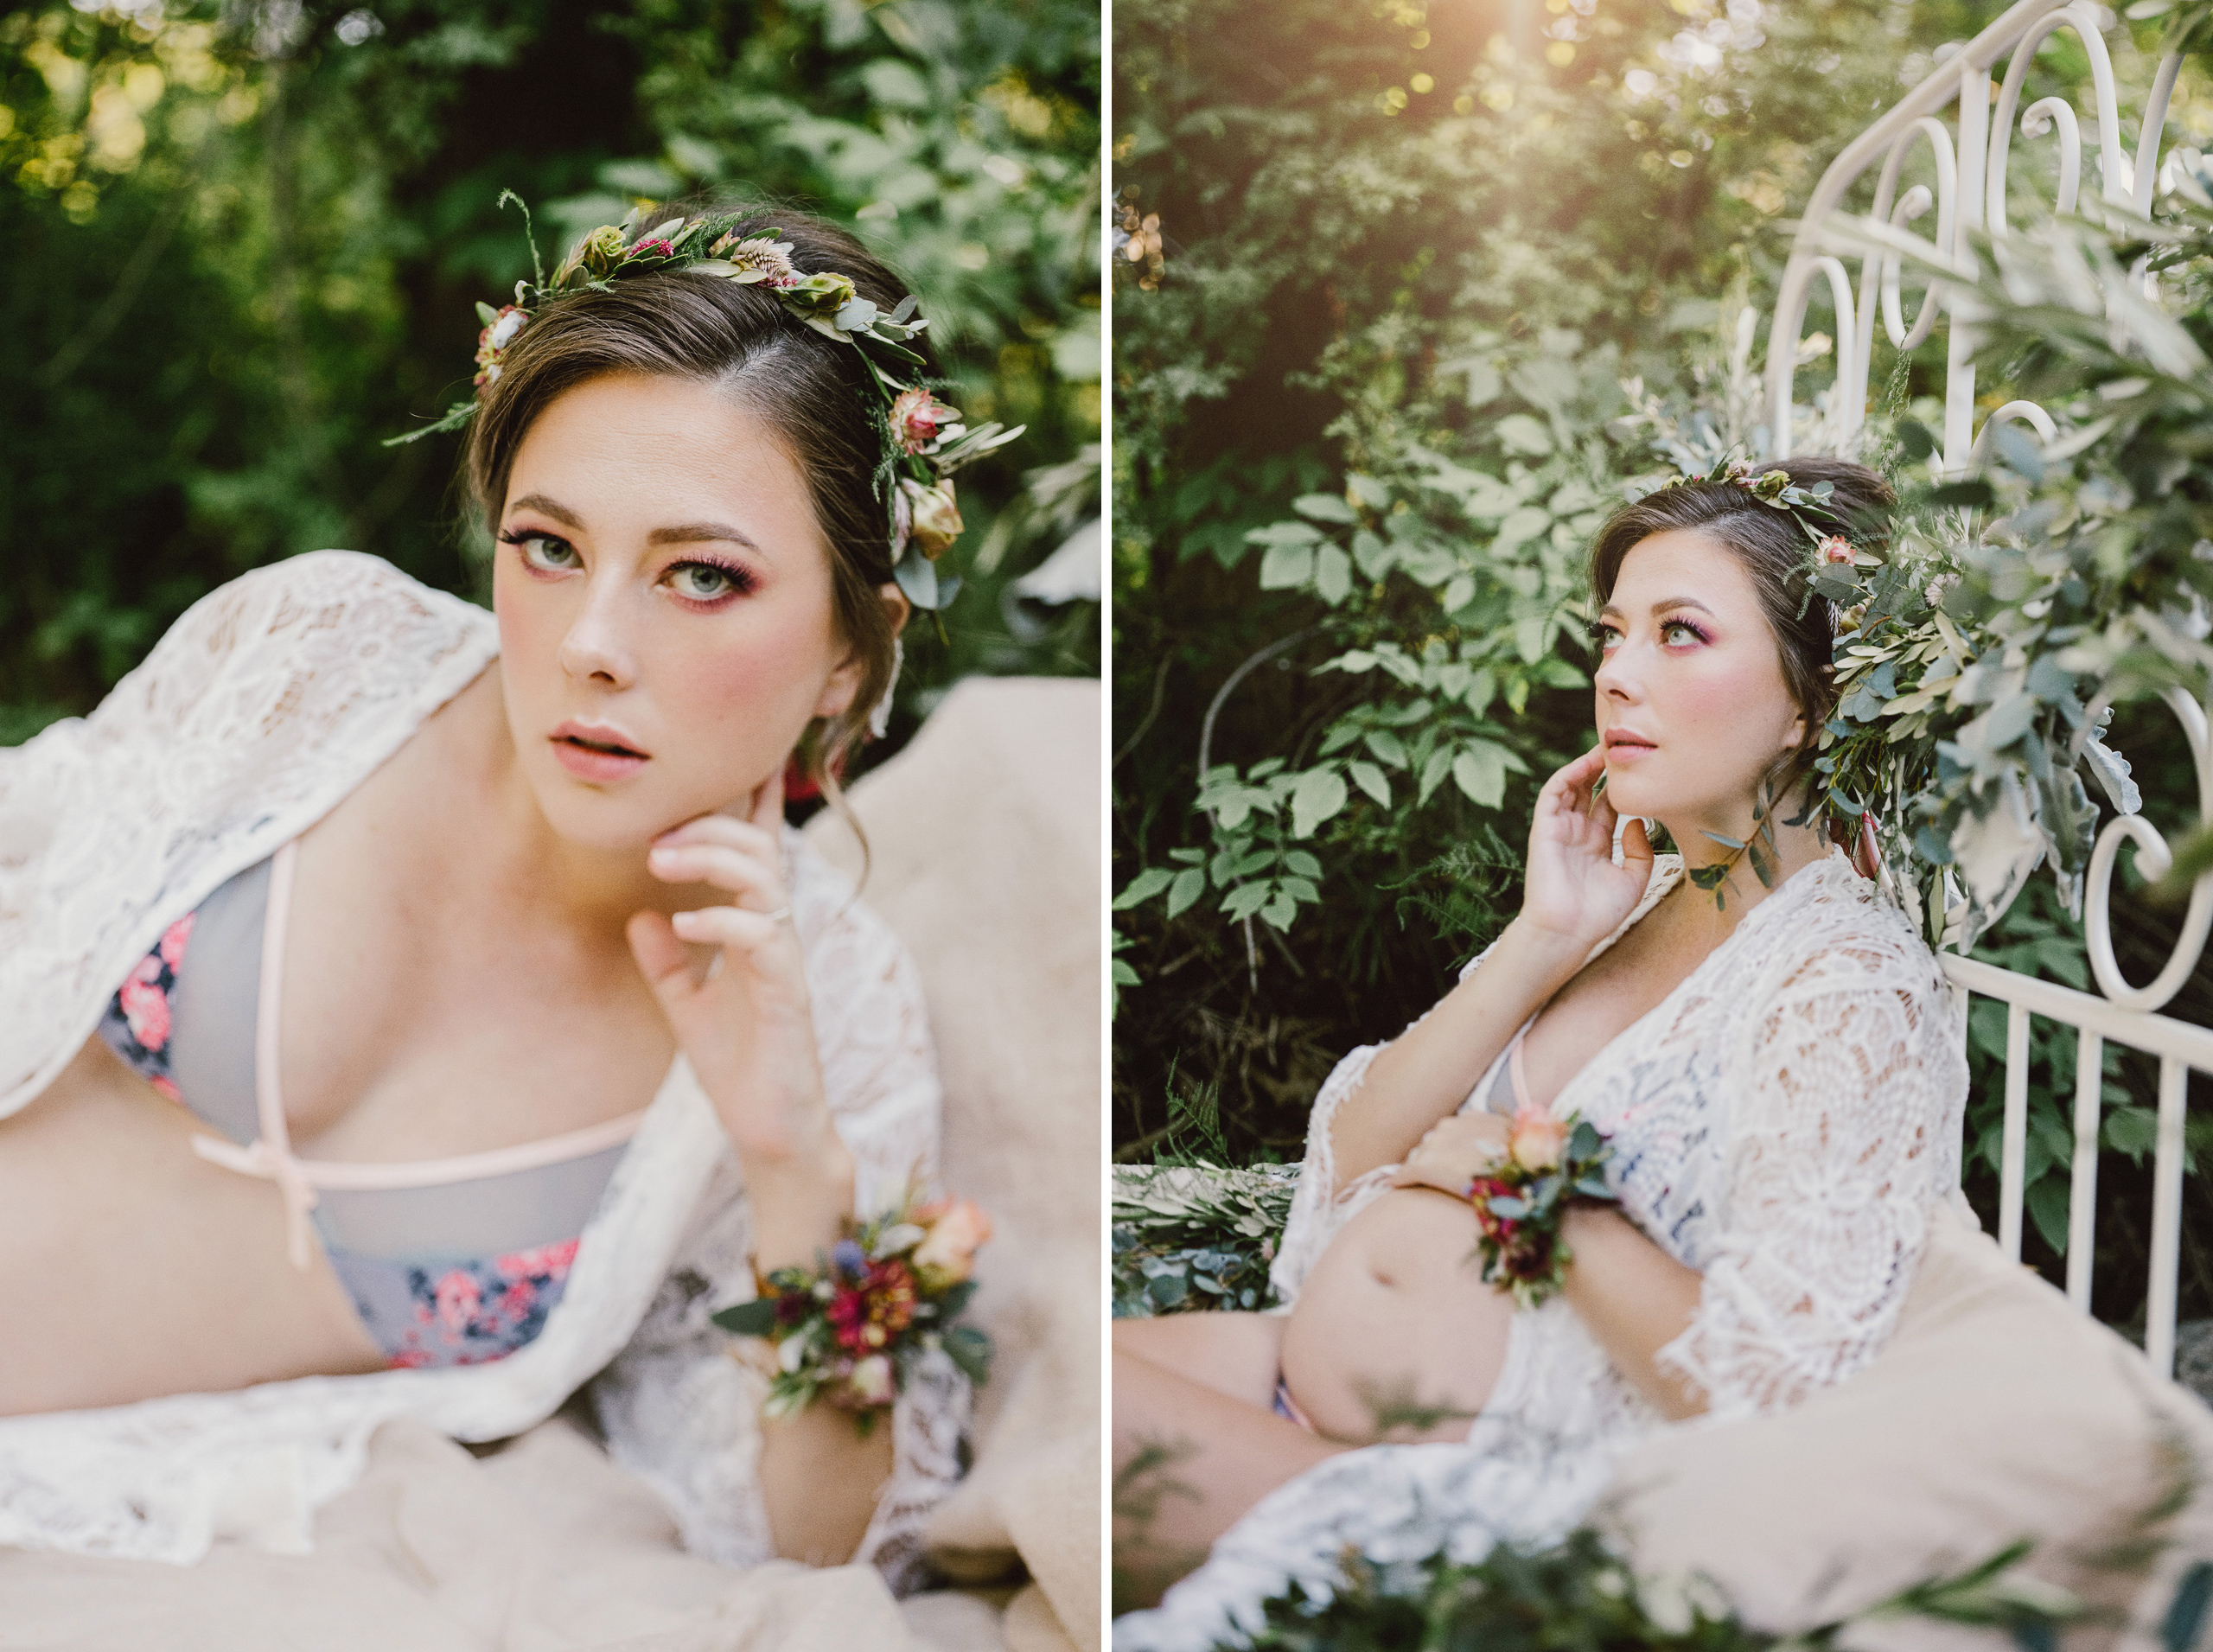 niagara maternity boudoir outdoor lingerie